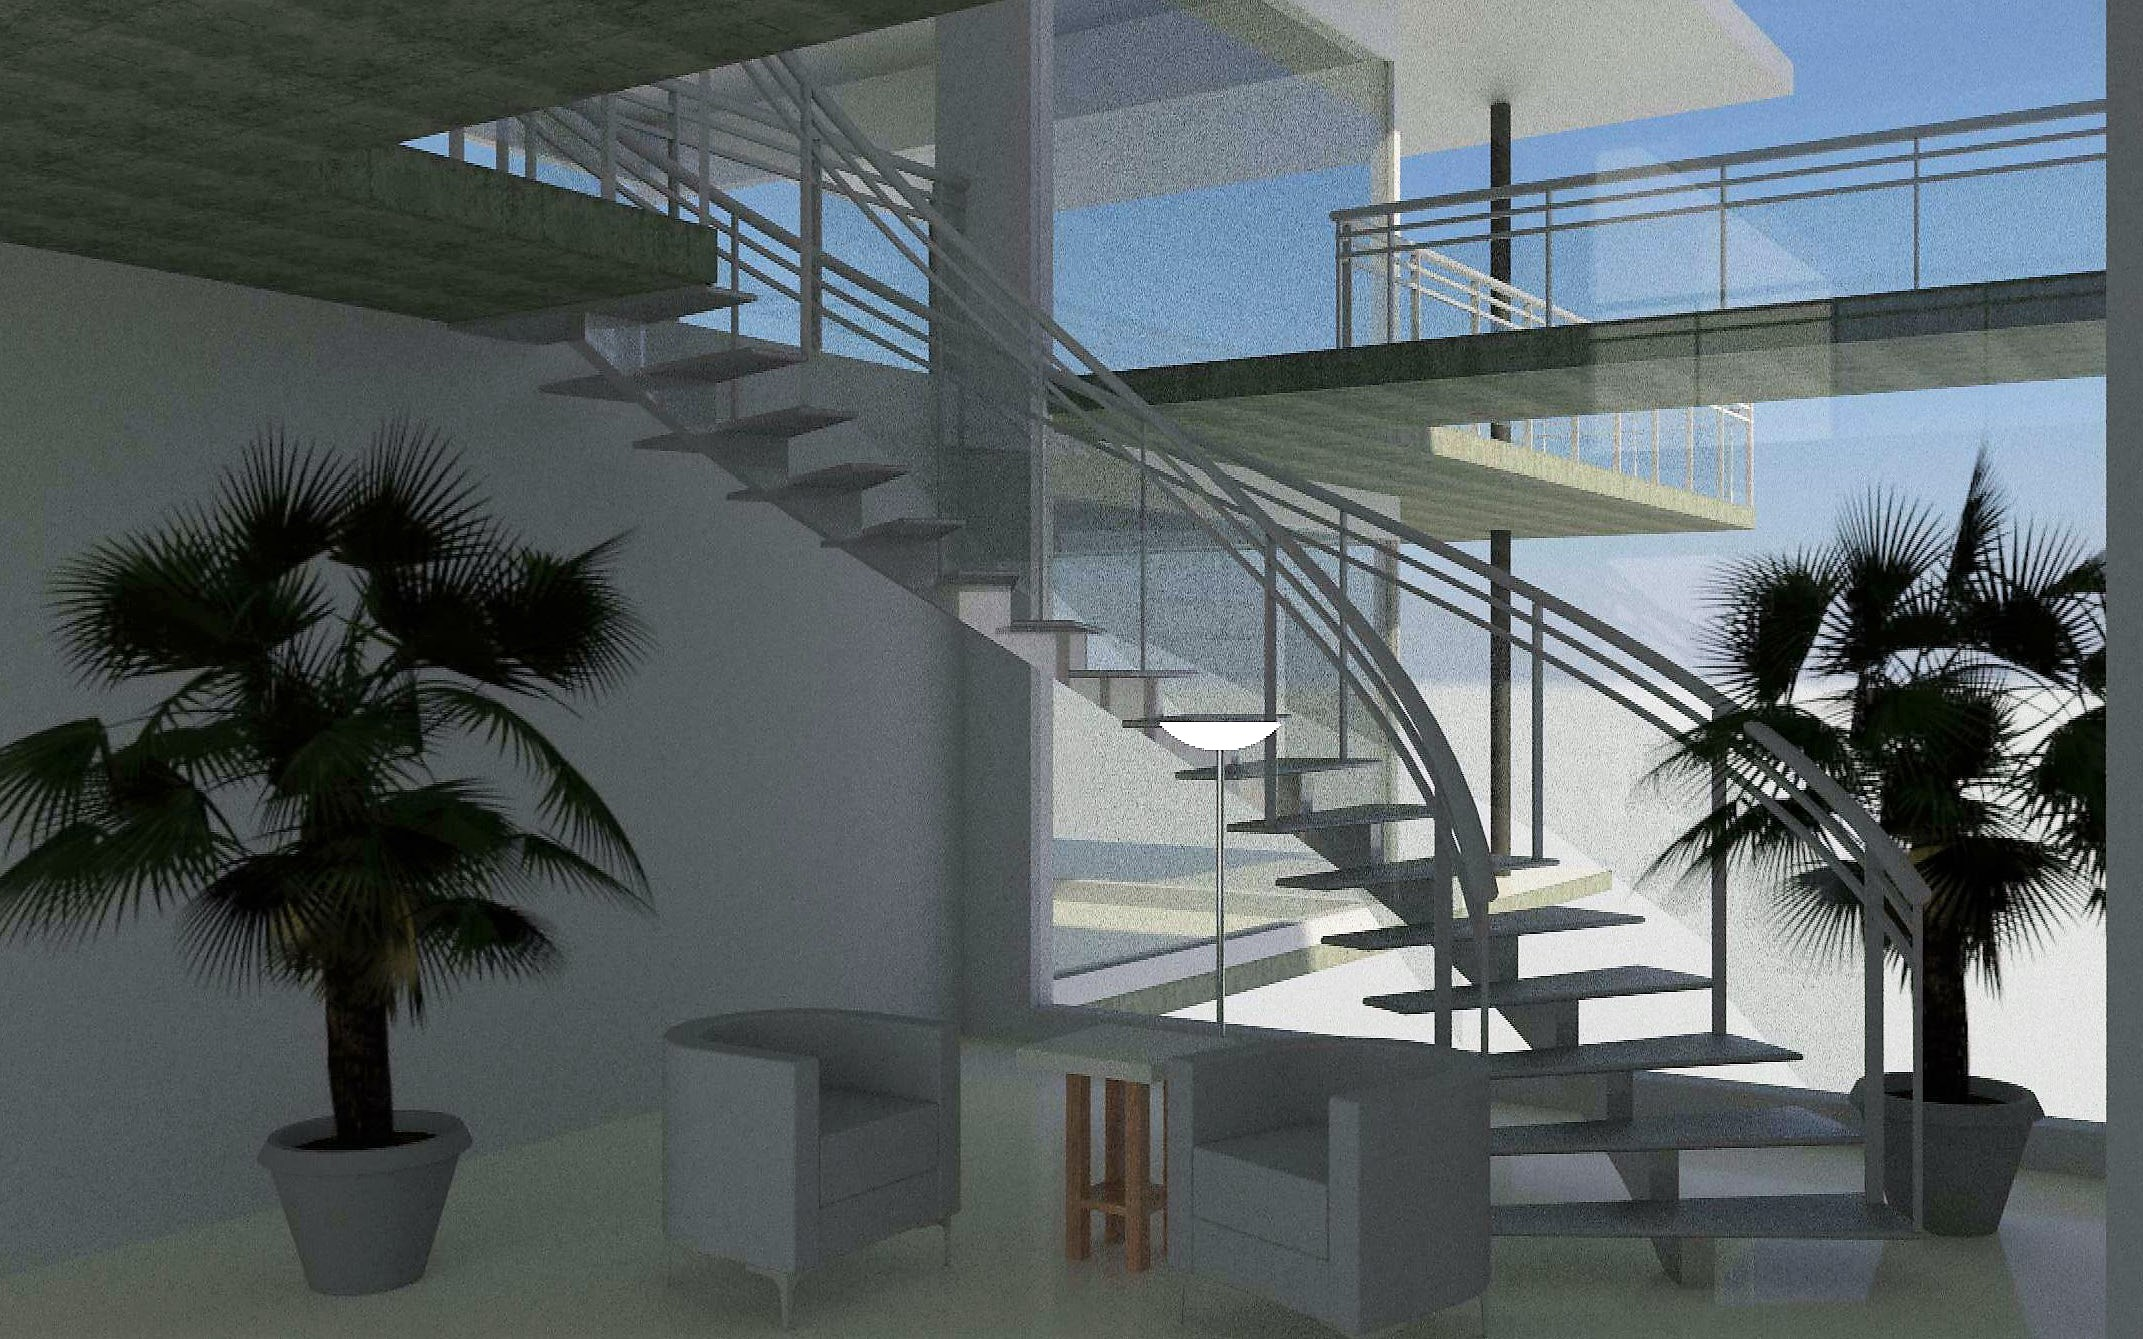 2 Storey - L2017-4-Stairwell